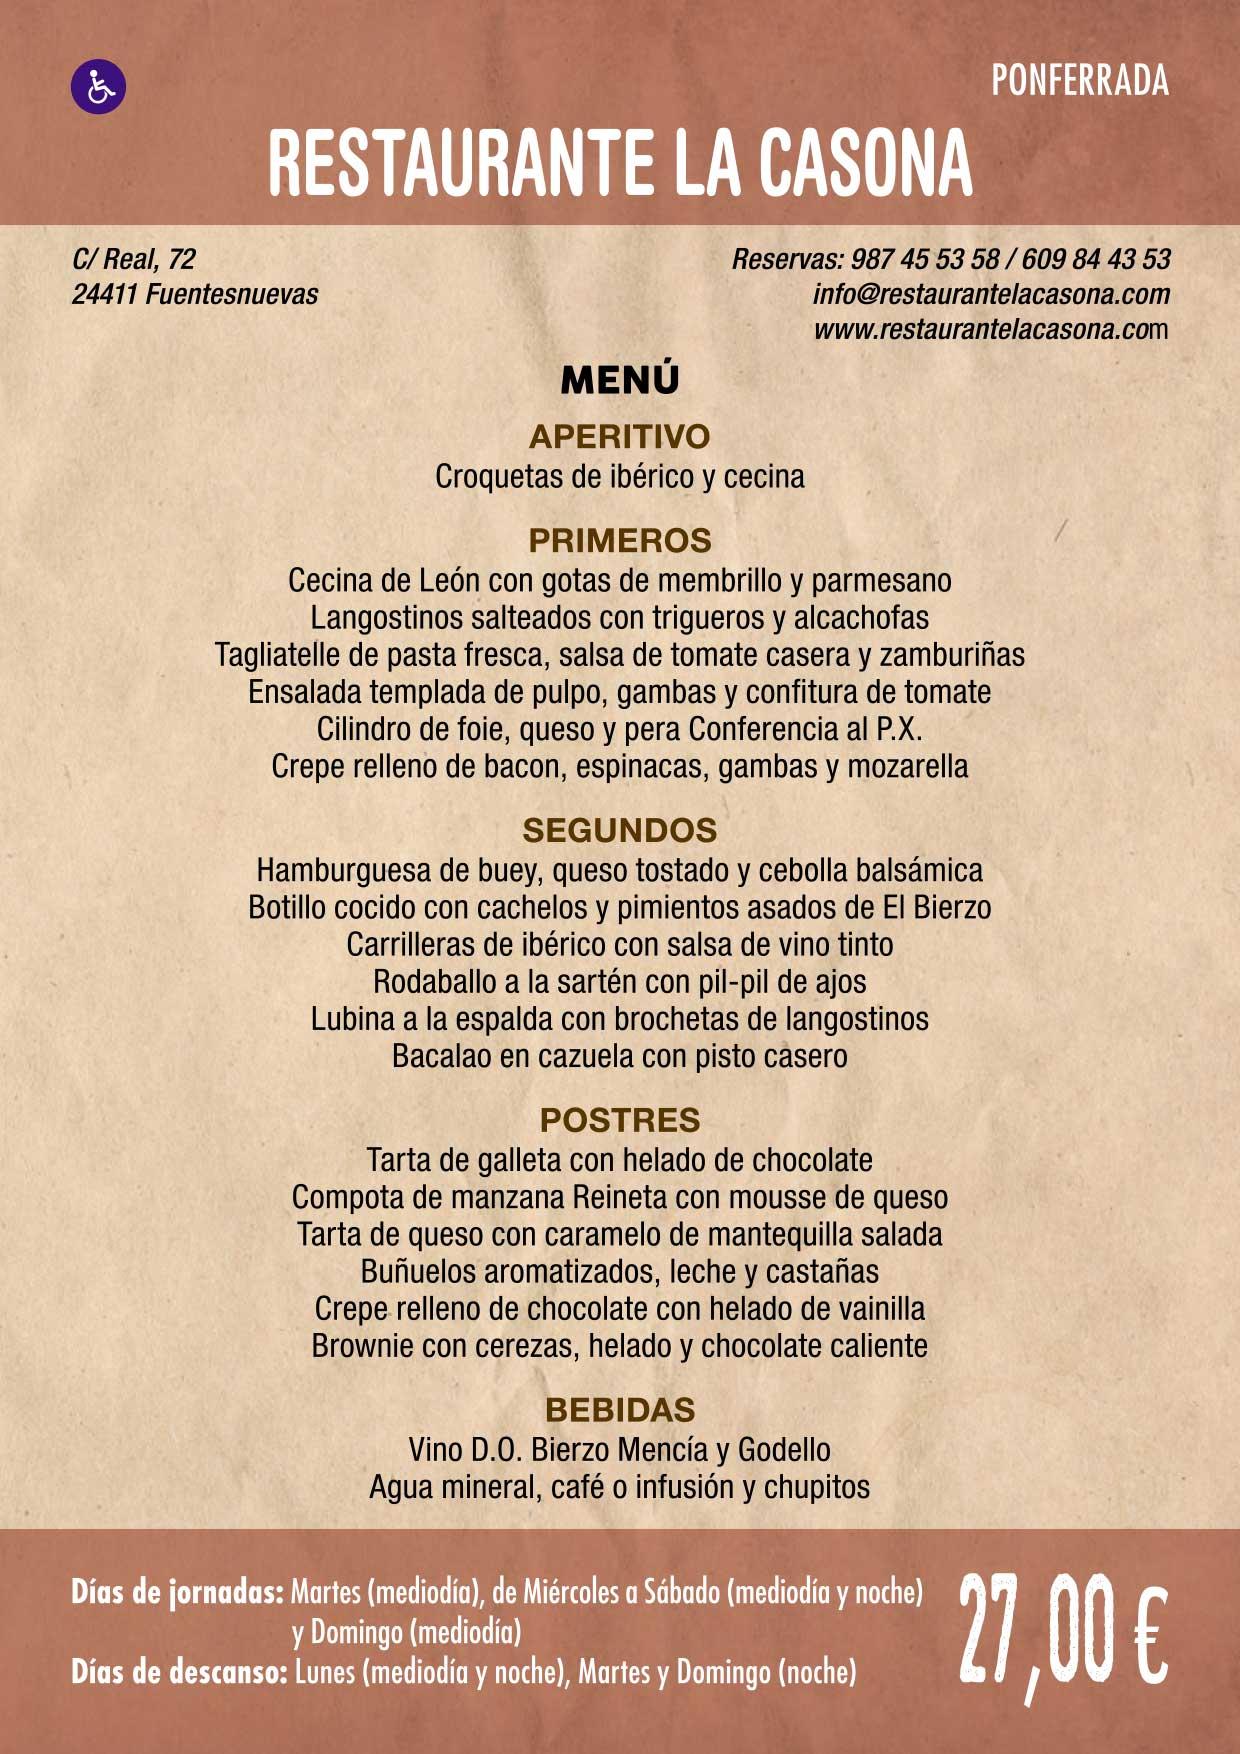 XXXVI Jornadas Gastronómicas De El Bierzo 2020. Consulta los restaurantes y menús 21